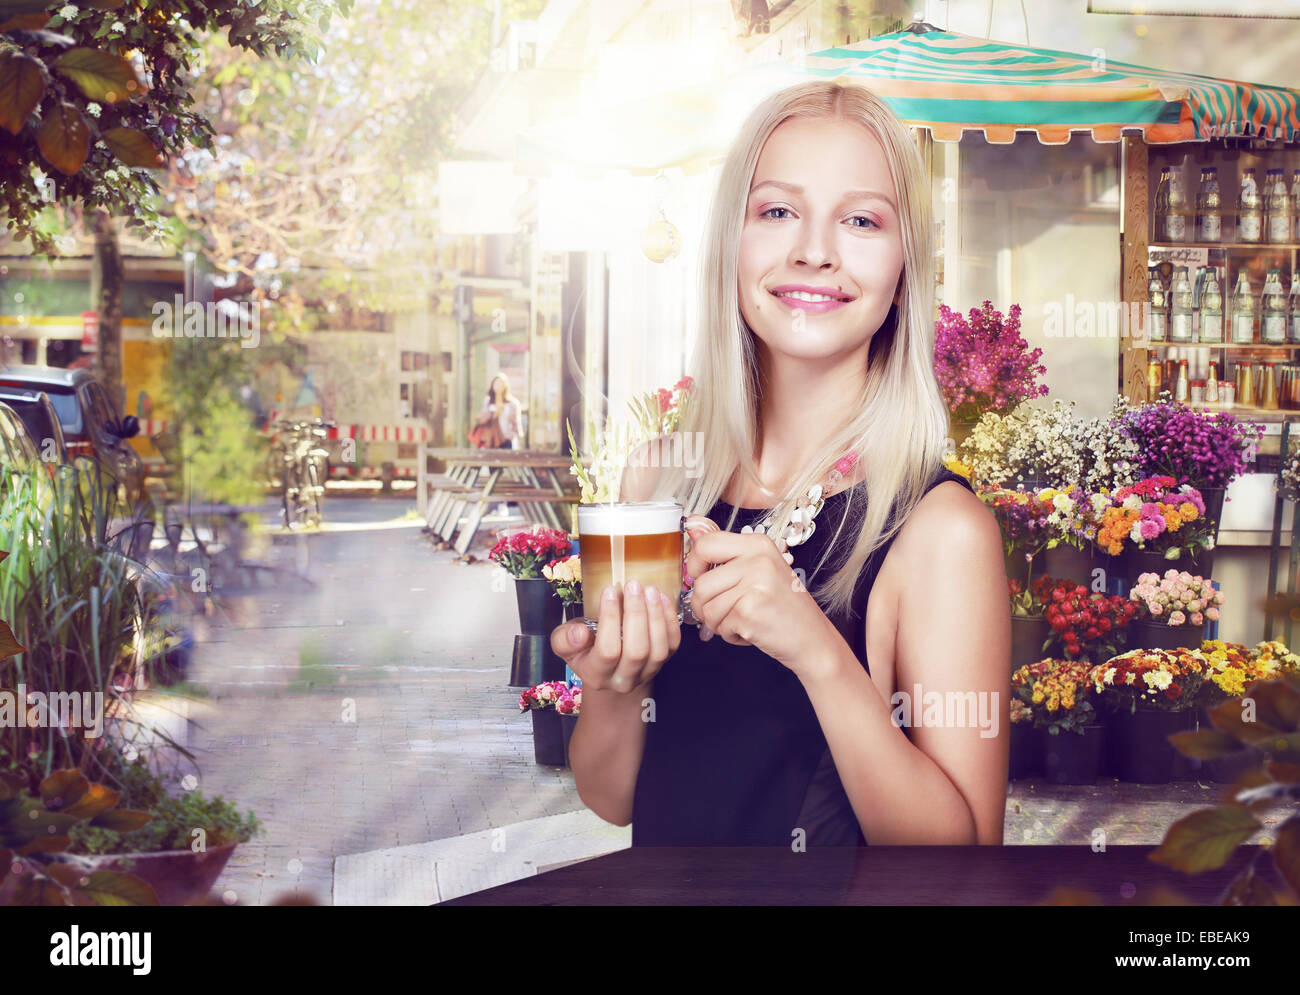 Il ristoro. Donna felice con la tazza di caffè in una Street Cafe Immagini Stock